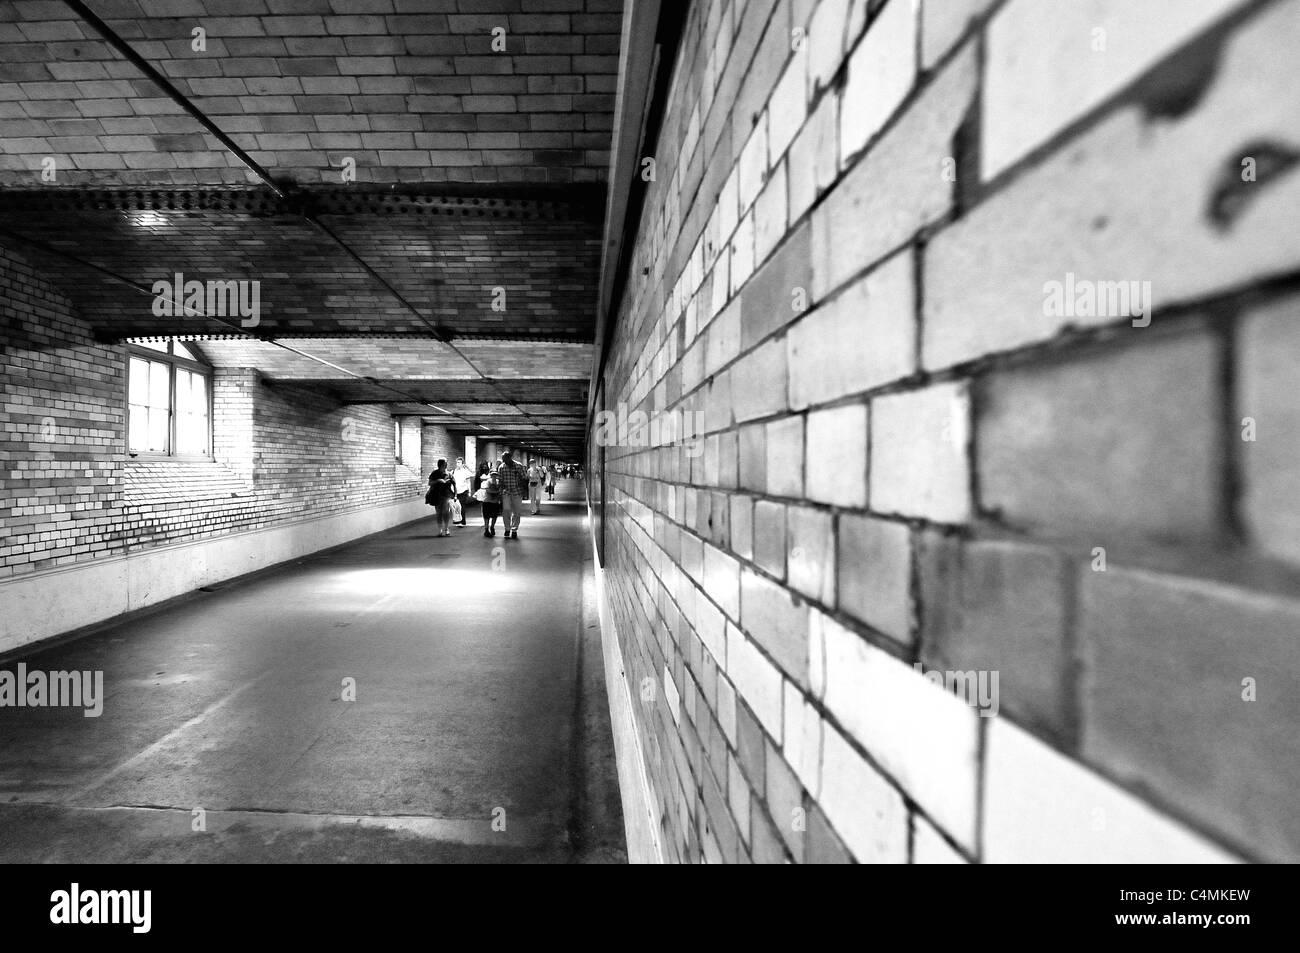 La gente camina a través del paso subterráneo en la estación South Kensington Imagen De Stock